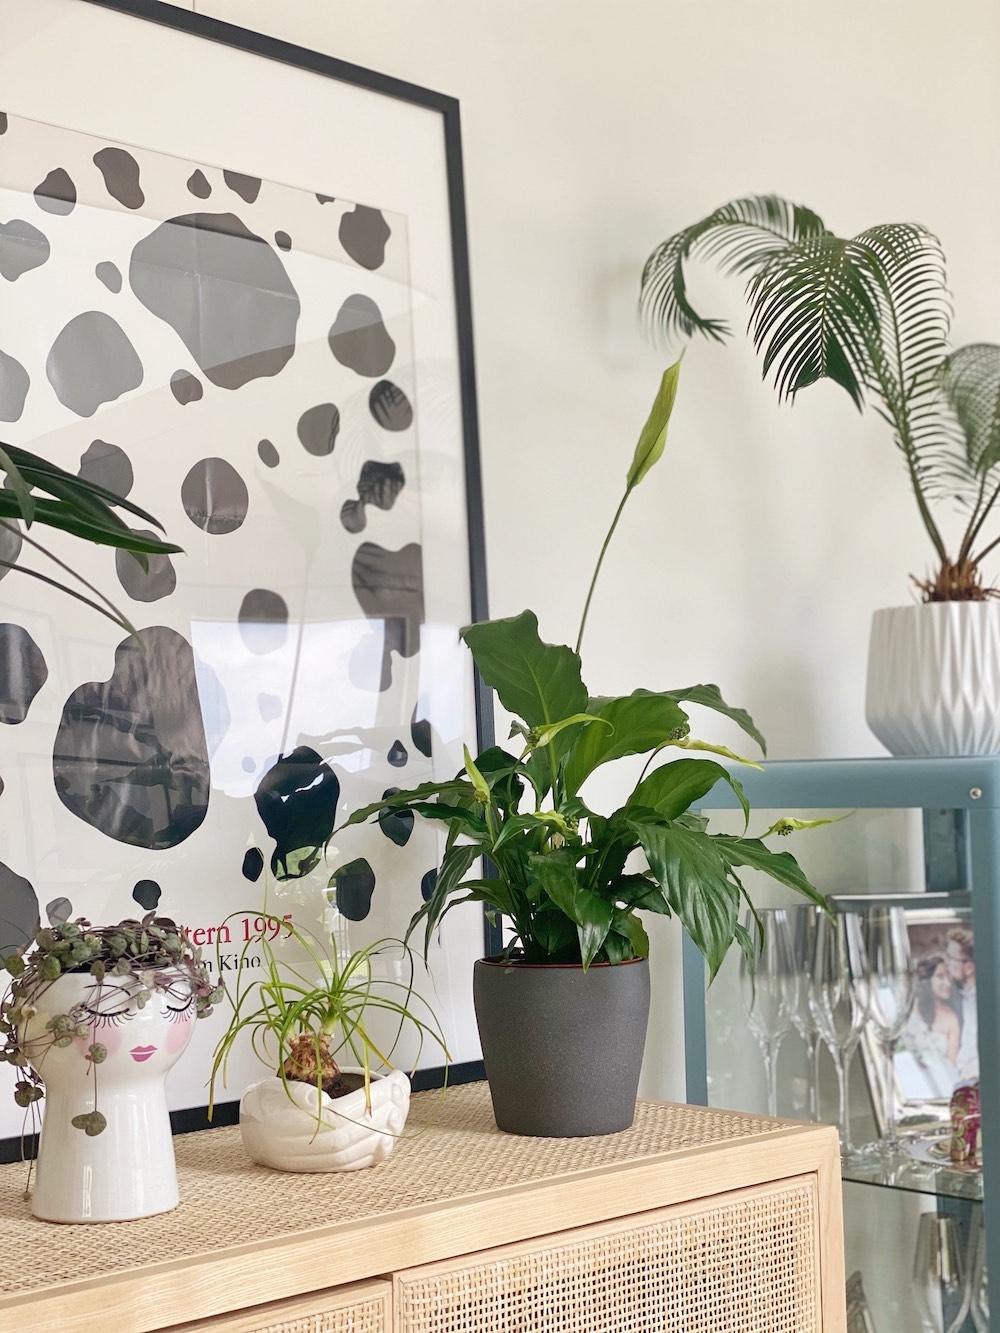 Como cuidar plantas en la casa 2